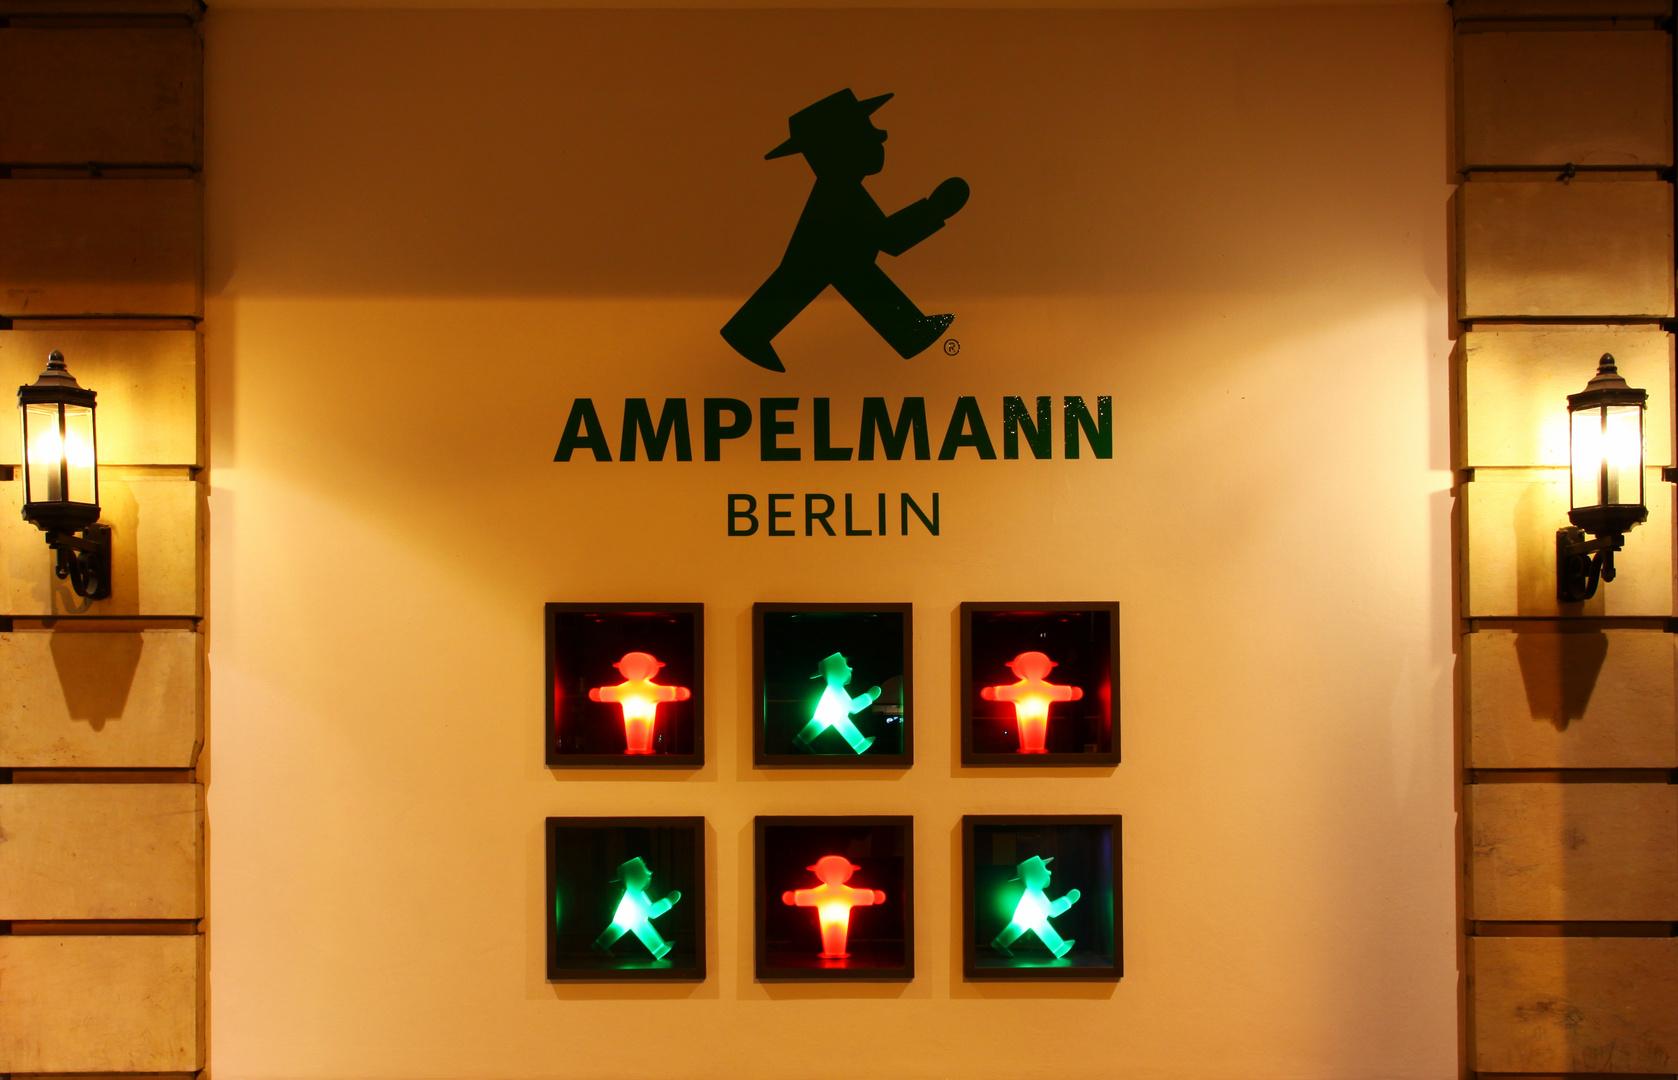 Berlin - Festival of Lights 2012 - Ampelmann